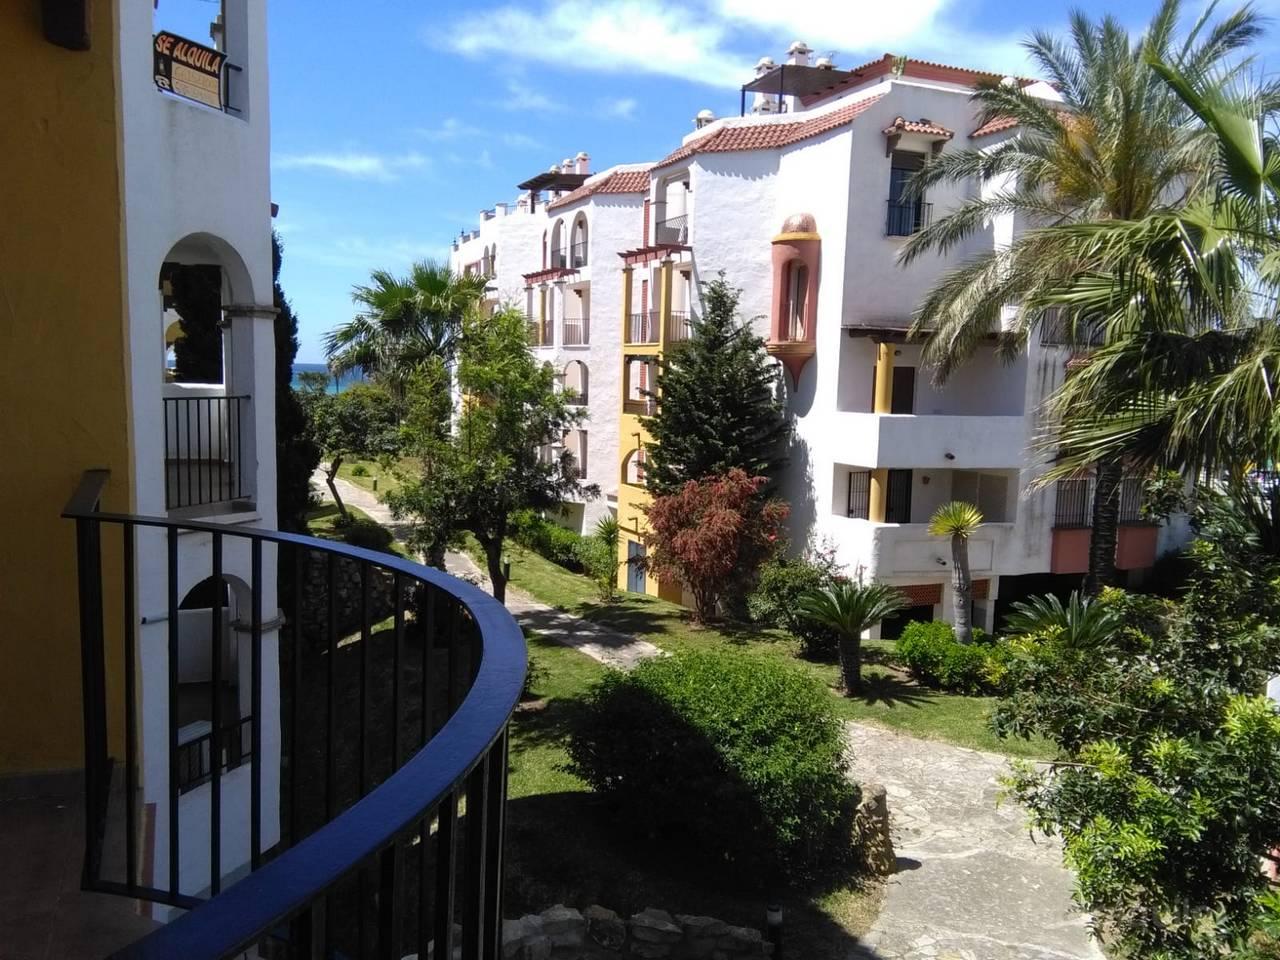 Apartamento a pie de playa en Atlanterra Costa, en Zahara de los Atunes